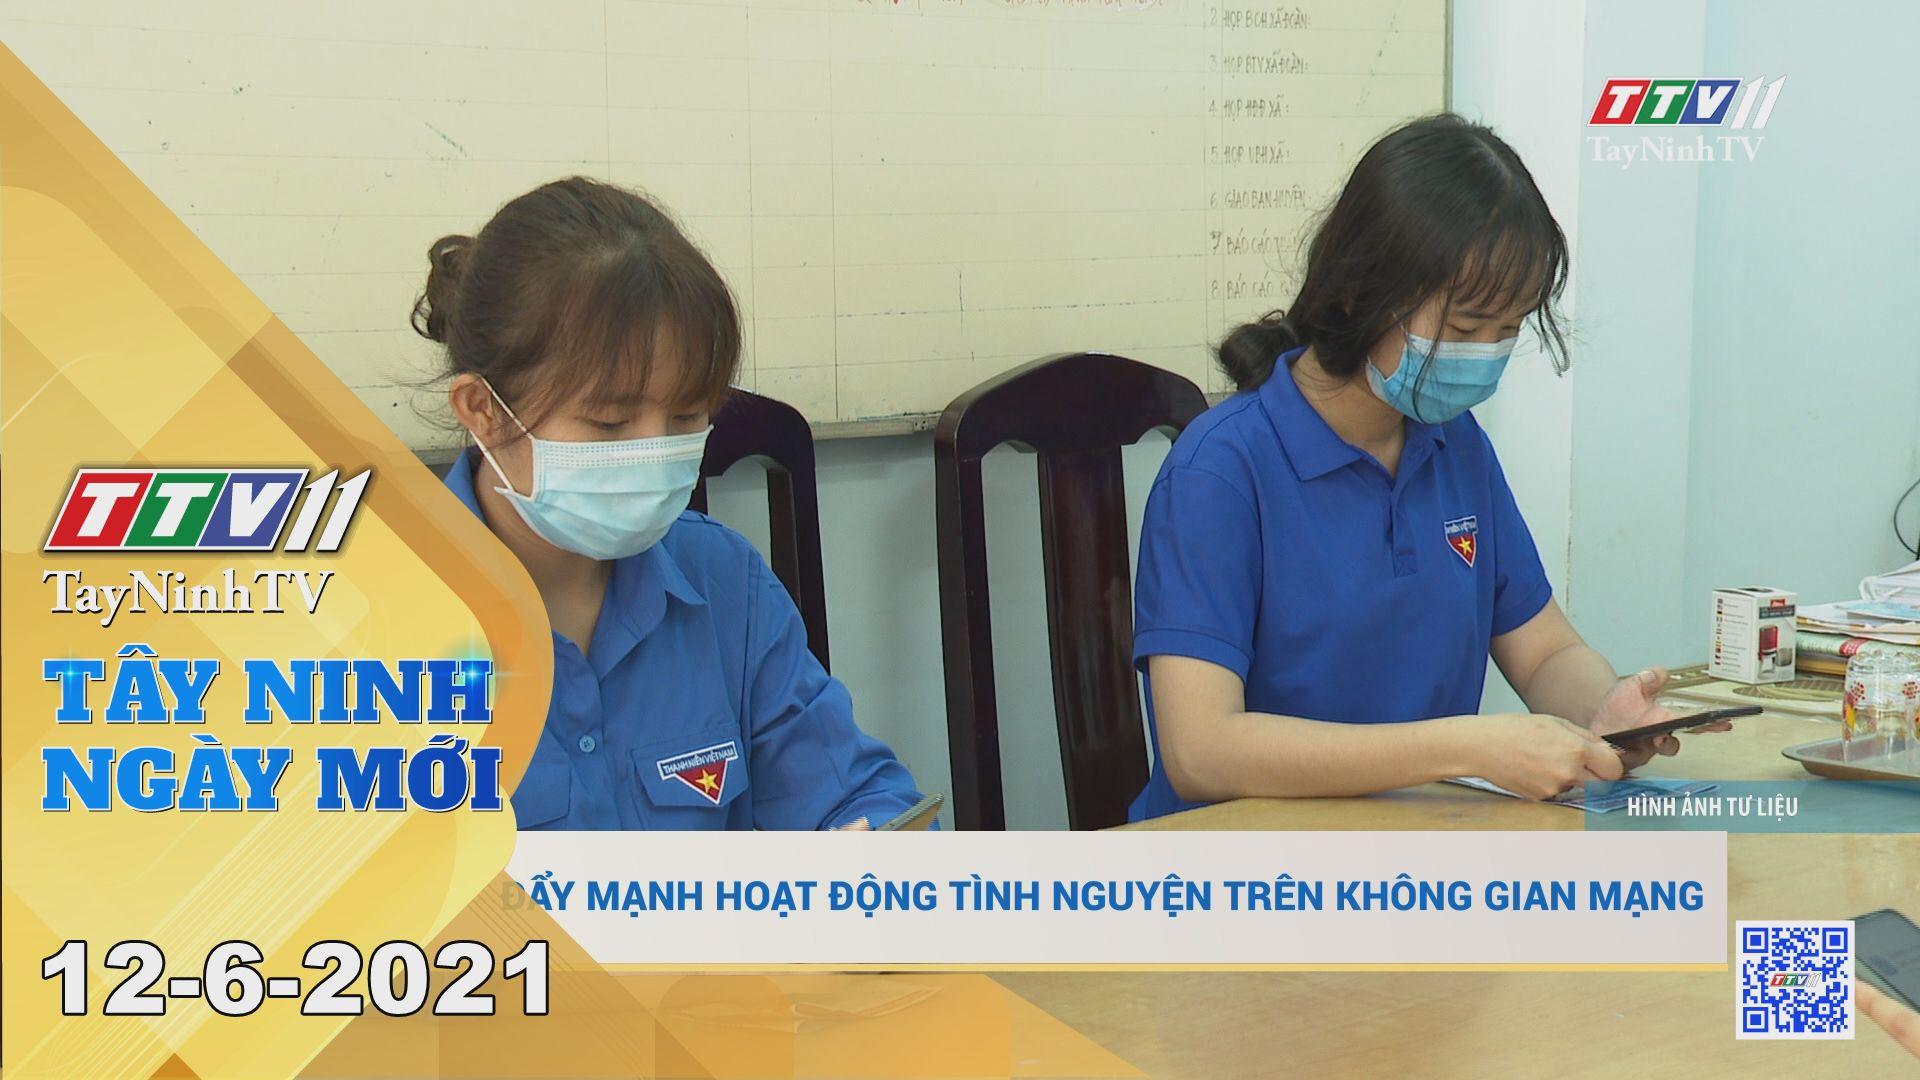 Tây Ninh Ngày Mới 12-6-2021 | Tin tức hôm nay | TayNinhTV